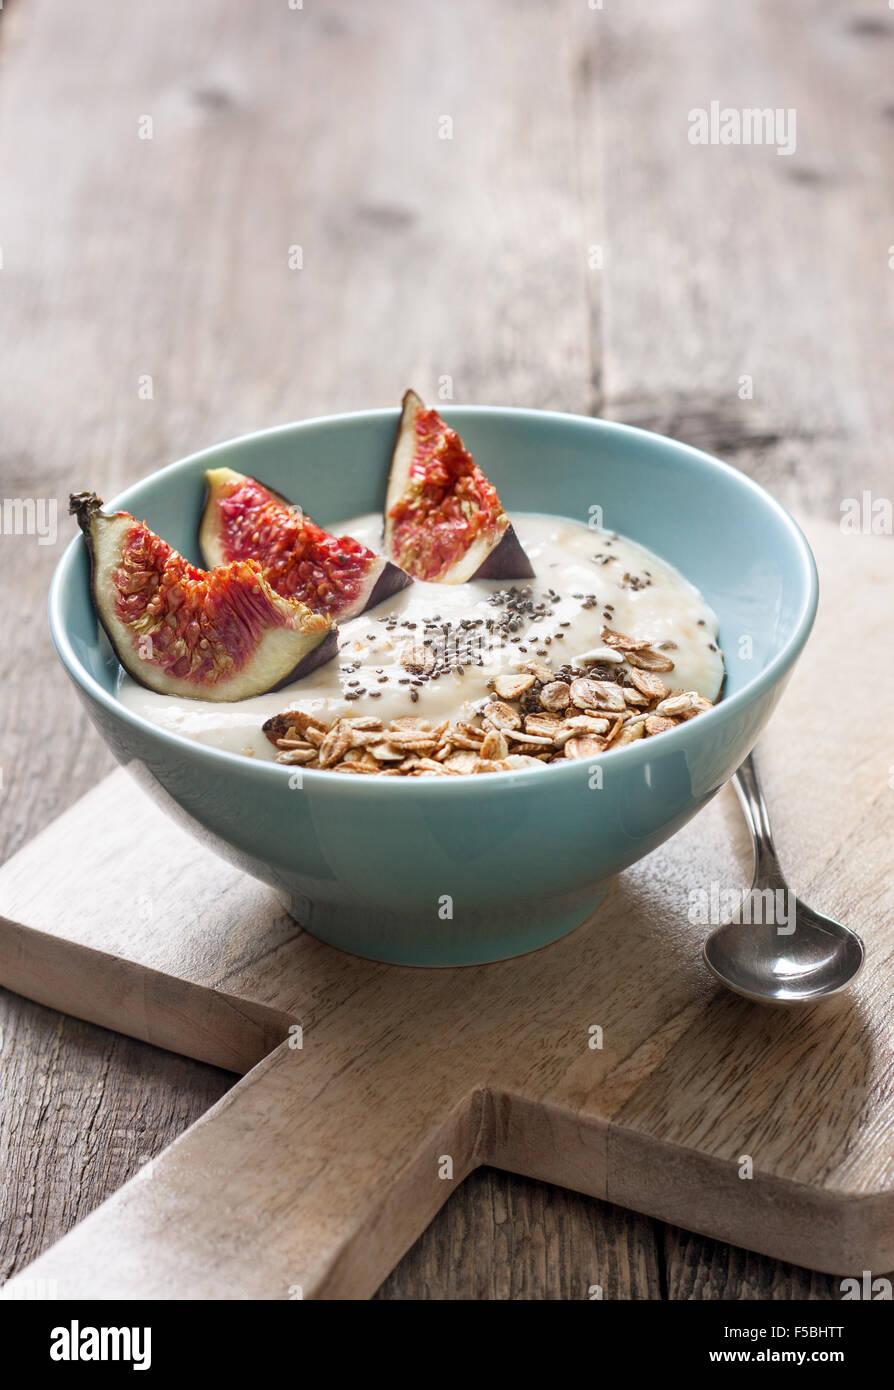 Desayuno con muesli, yogur, higos y chia semillas en un recipiente azul sobre un fondo de madera Imagen De Stock